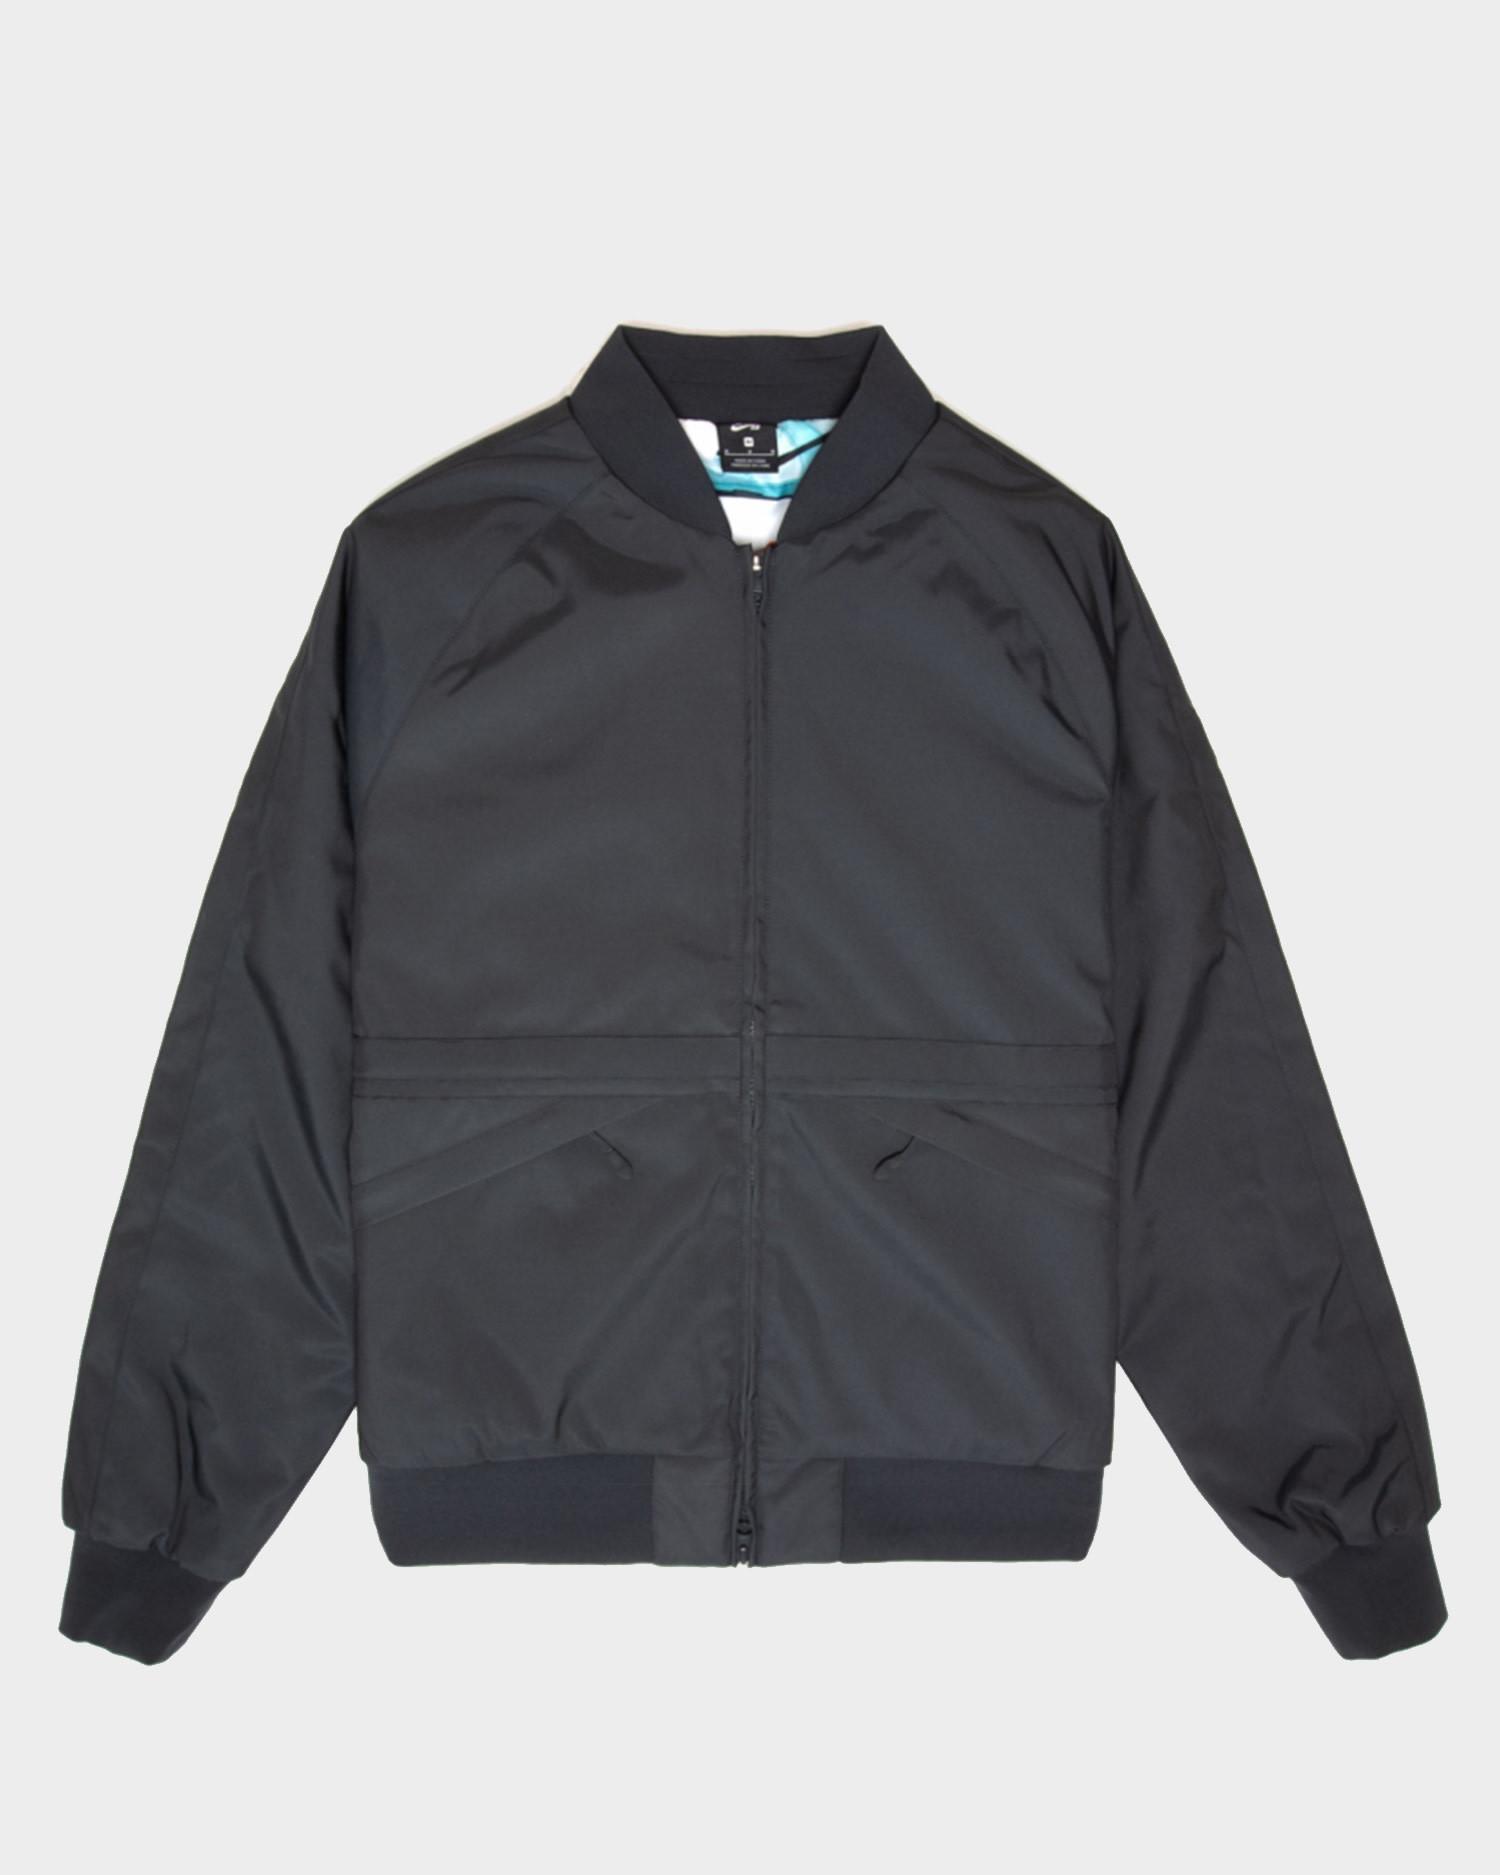 Nike SB Orange Label Dunk Jacket Dark Smoke Grey